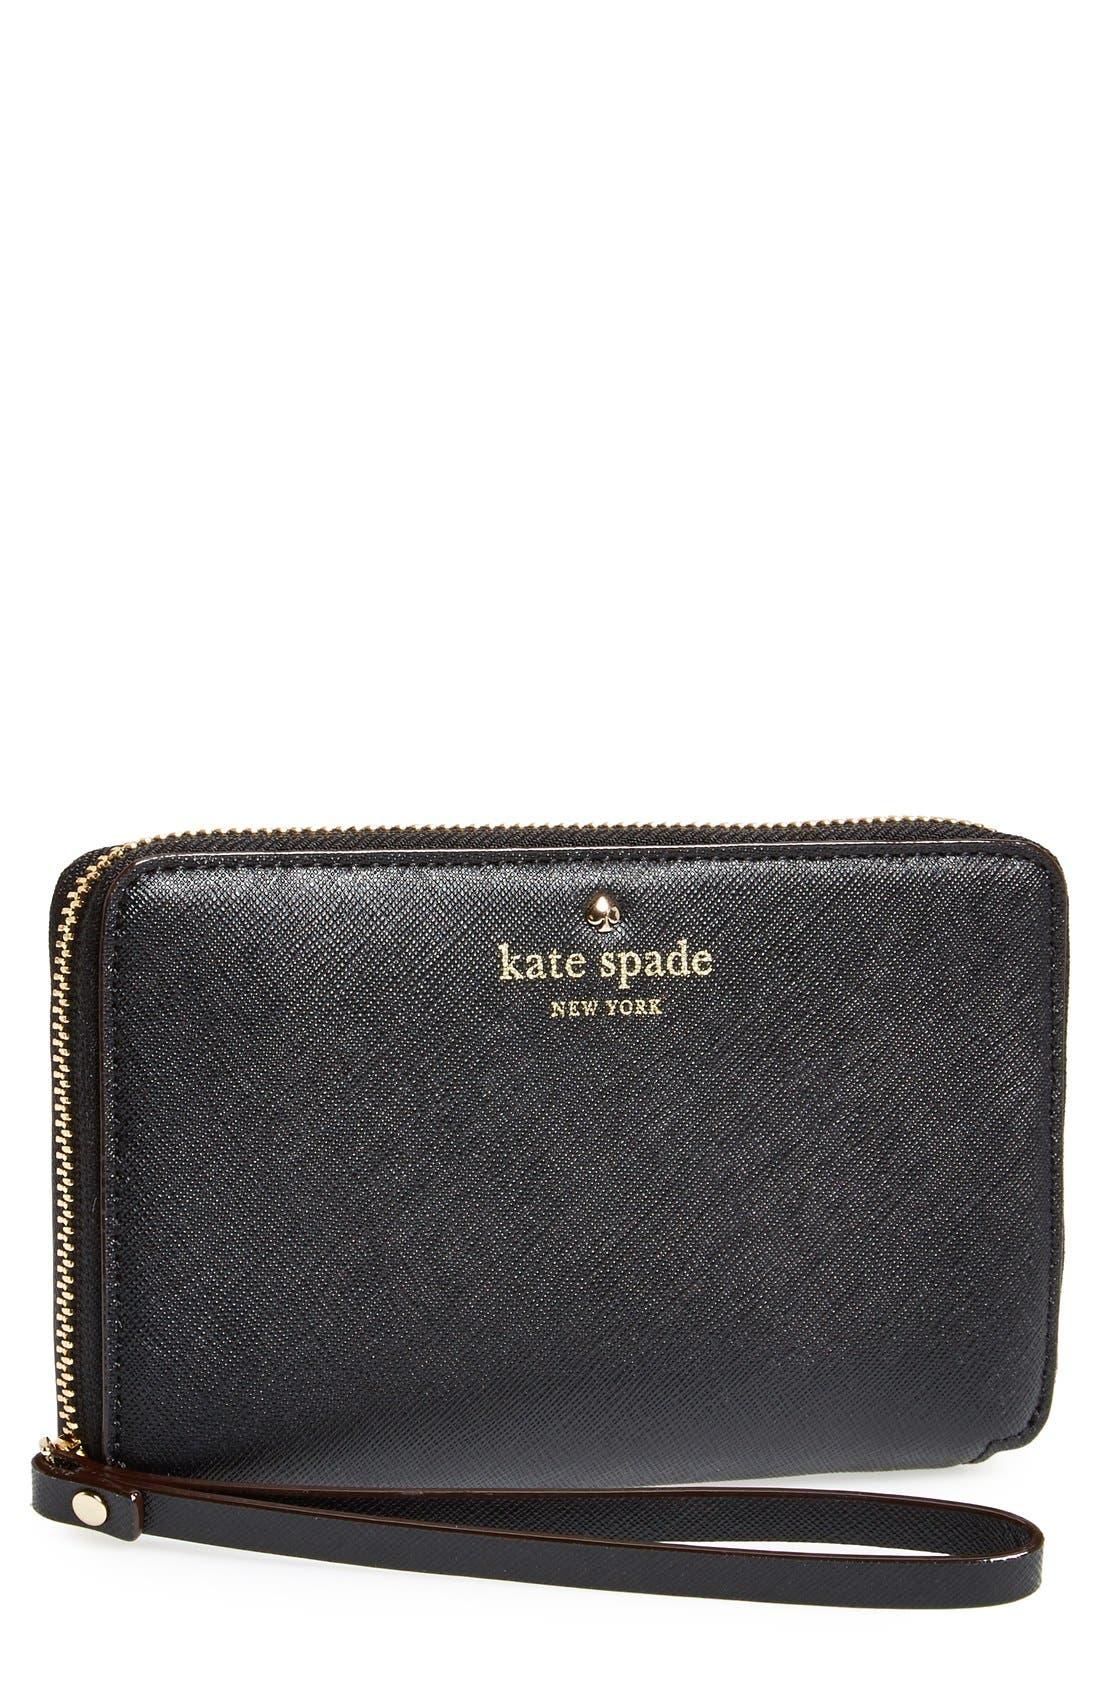 Main Image - kate spade new york 'cedar street - laurie' zip around phone wallet